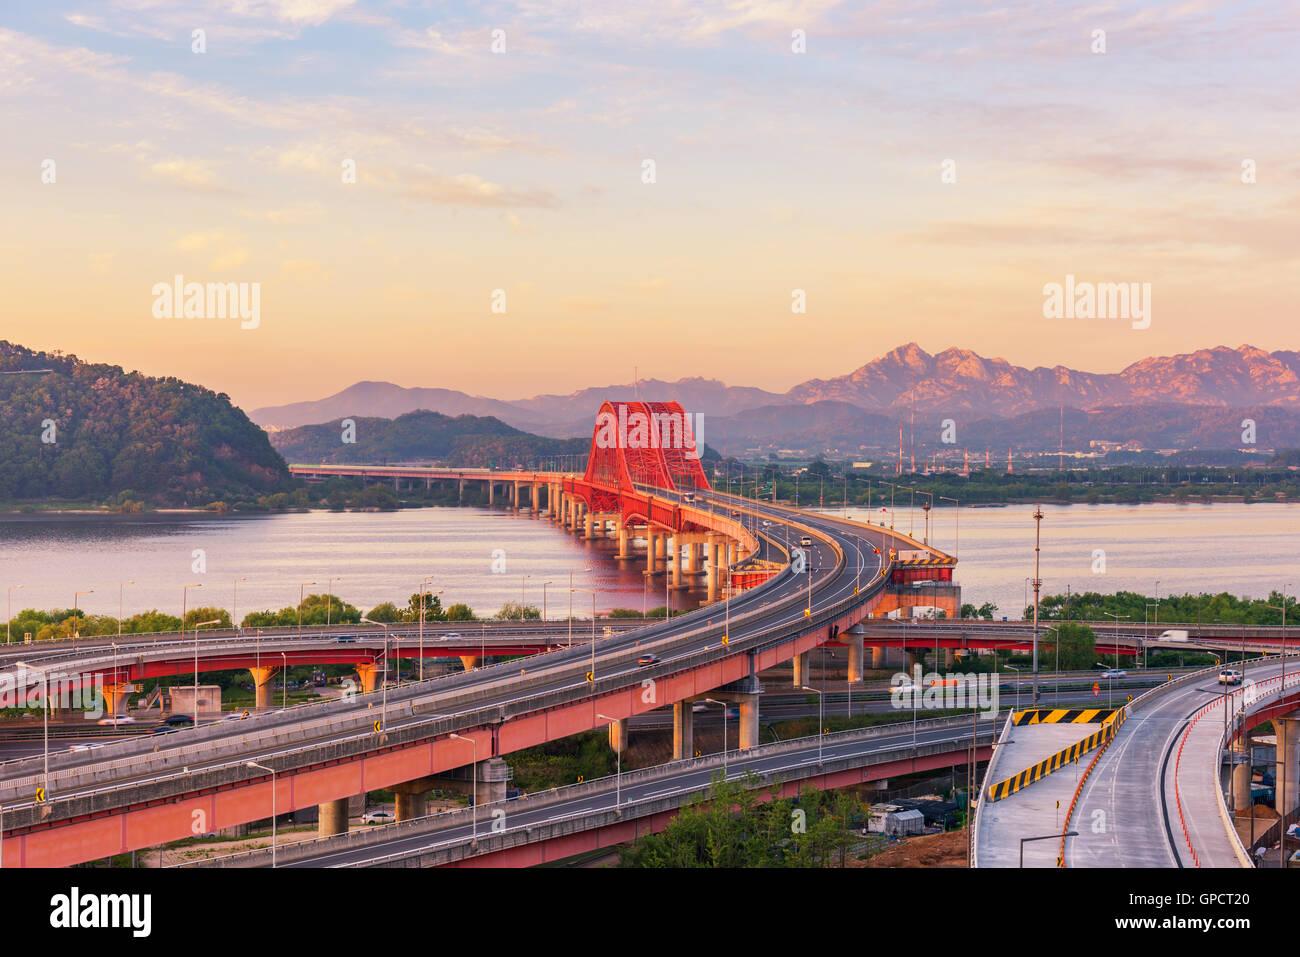 Coucher de soleil à pont Banghwa dans Séoul, Corée. Photo Stock